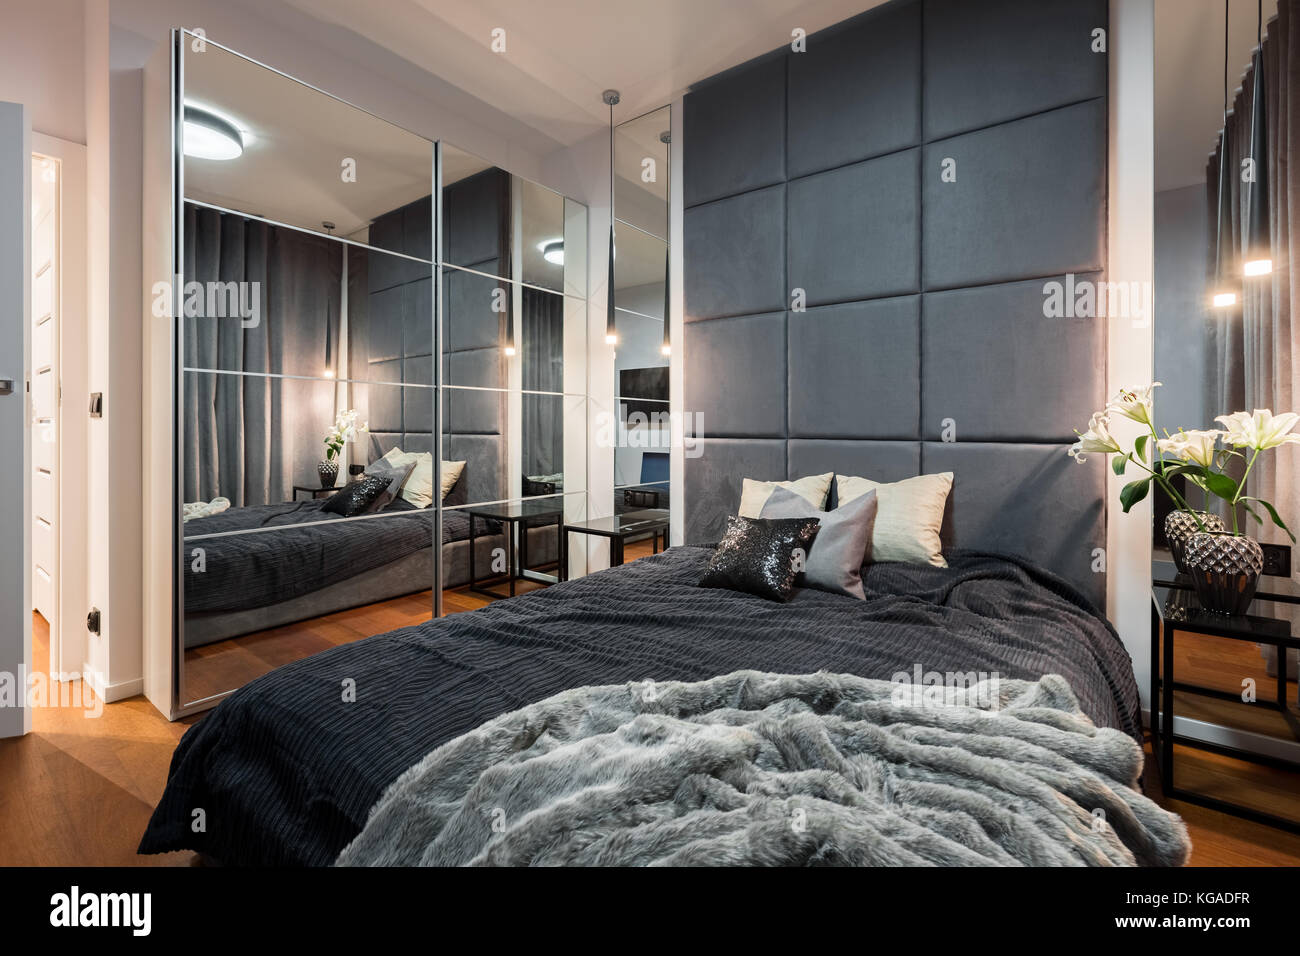 Elegante Schlafzimmer mit Doppelbett, gepolsterte Wand- und ...